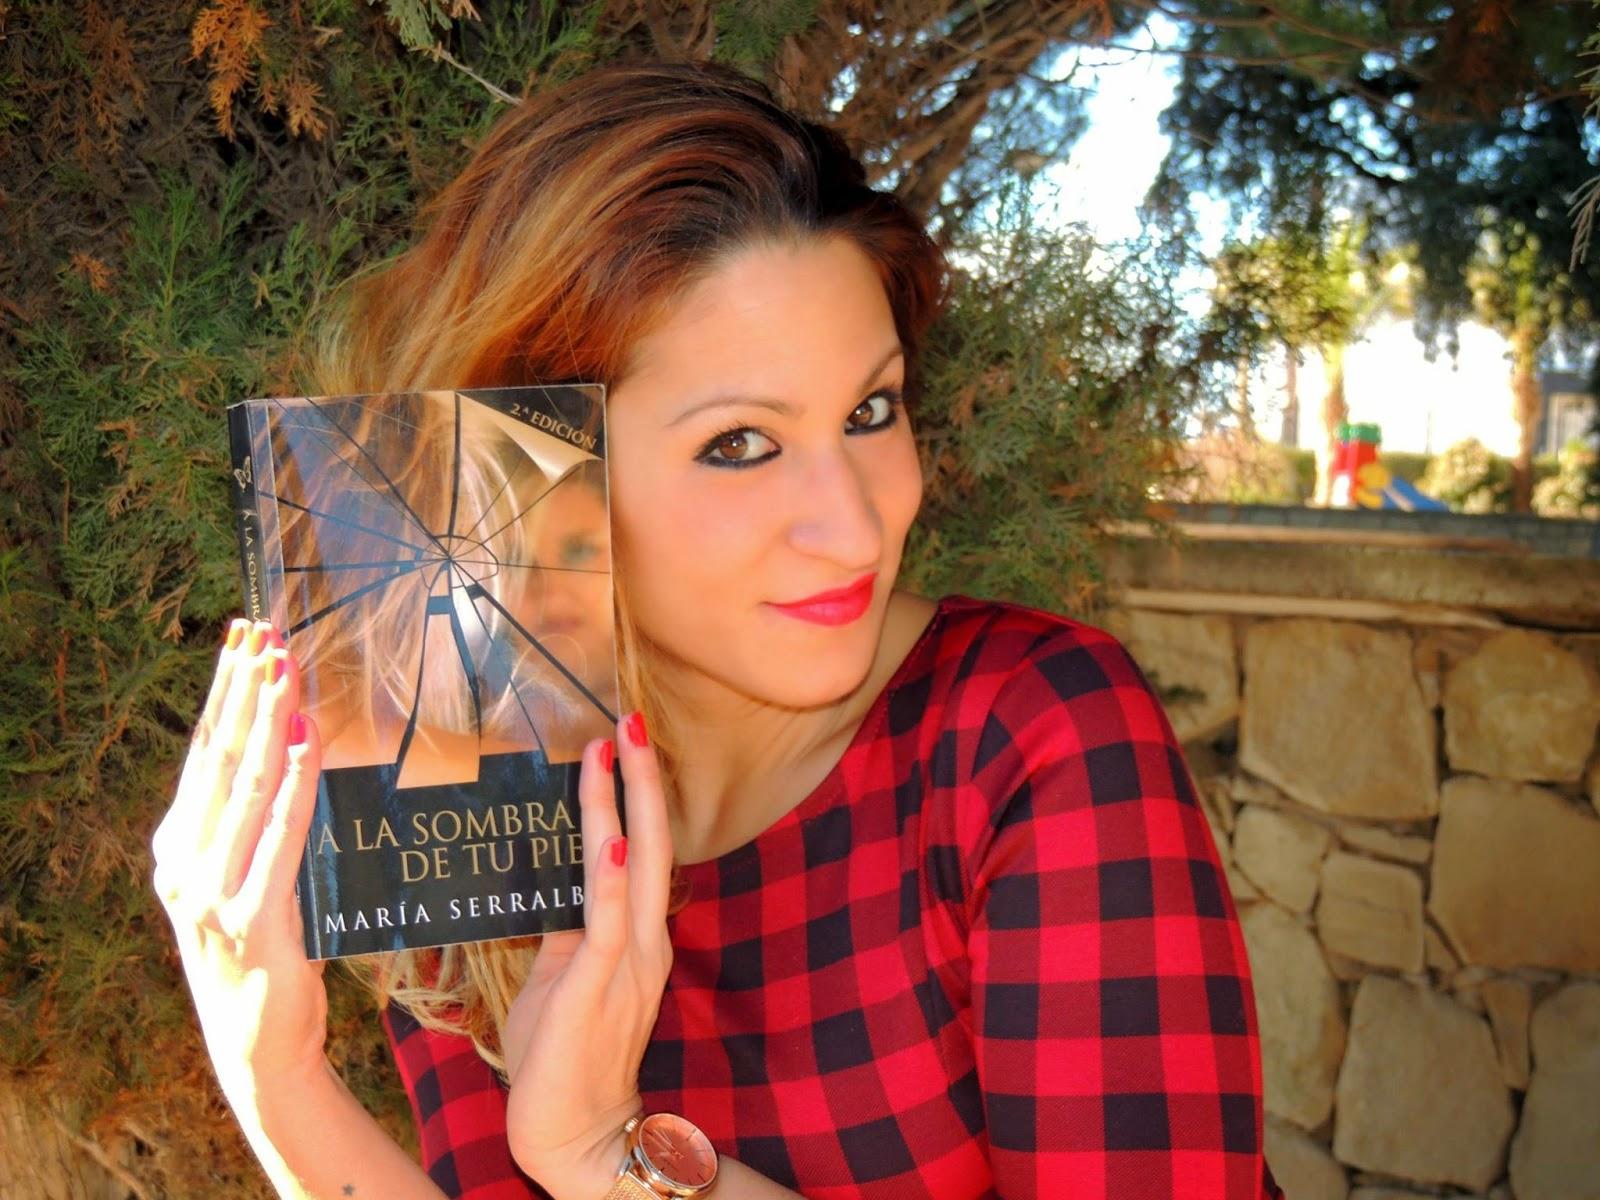 El Blog de María Serralba - María pregunta a... YESSICA GONZÁLEZ MOLERO